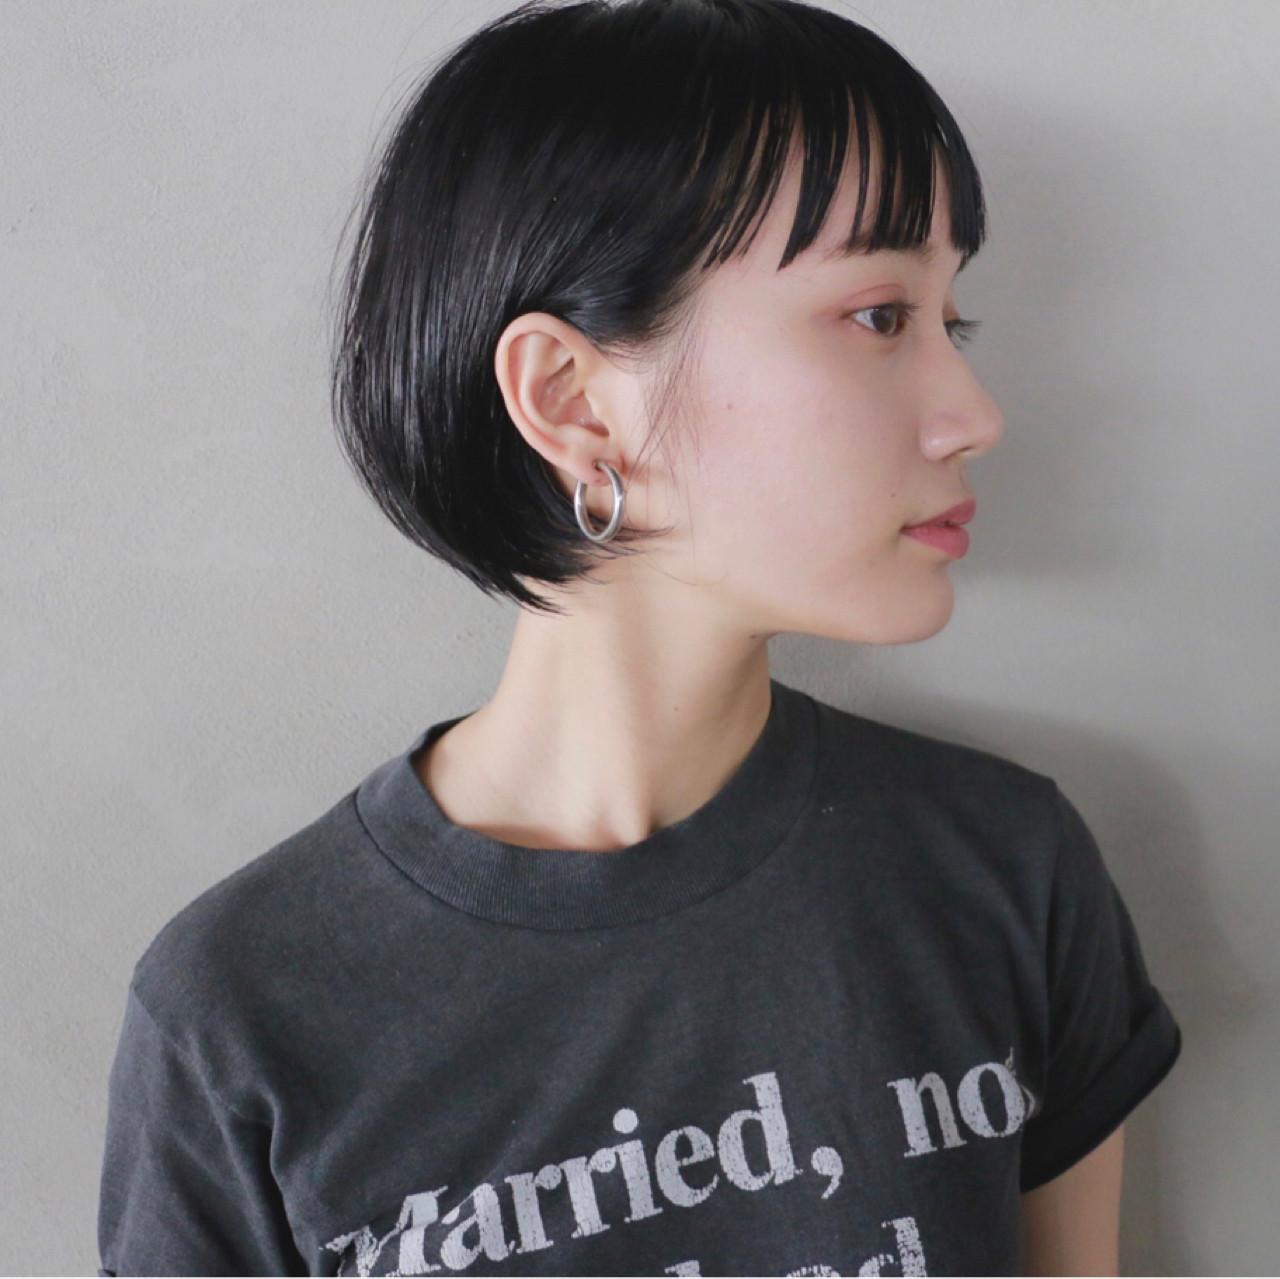 アレンジ無限大!【レングス・シーン別】おすすめヘアセットをご紹介の3枚目の画像